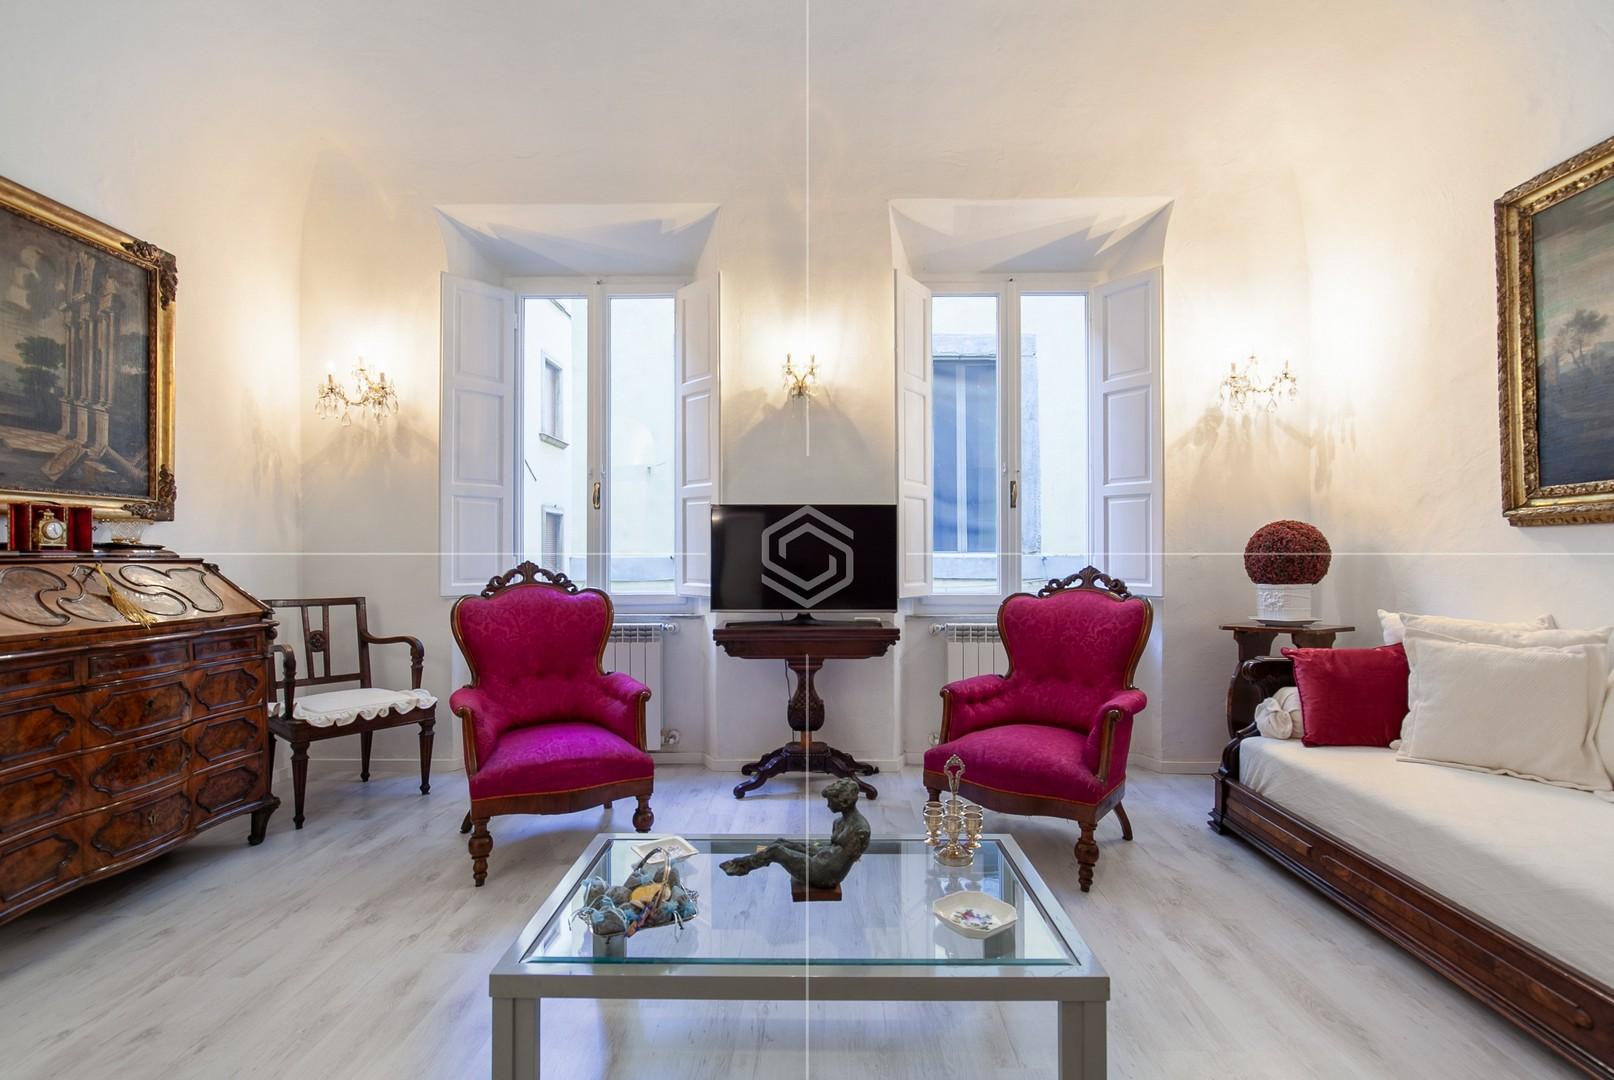 Appartamento in vendita in ottime condizioni in Borgo Stretto, Pisa